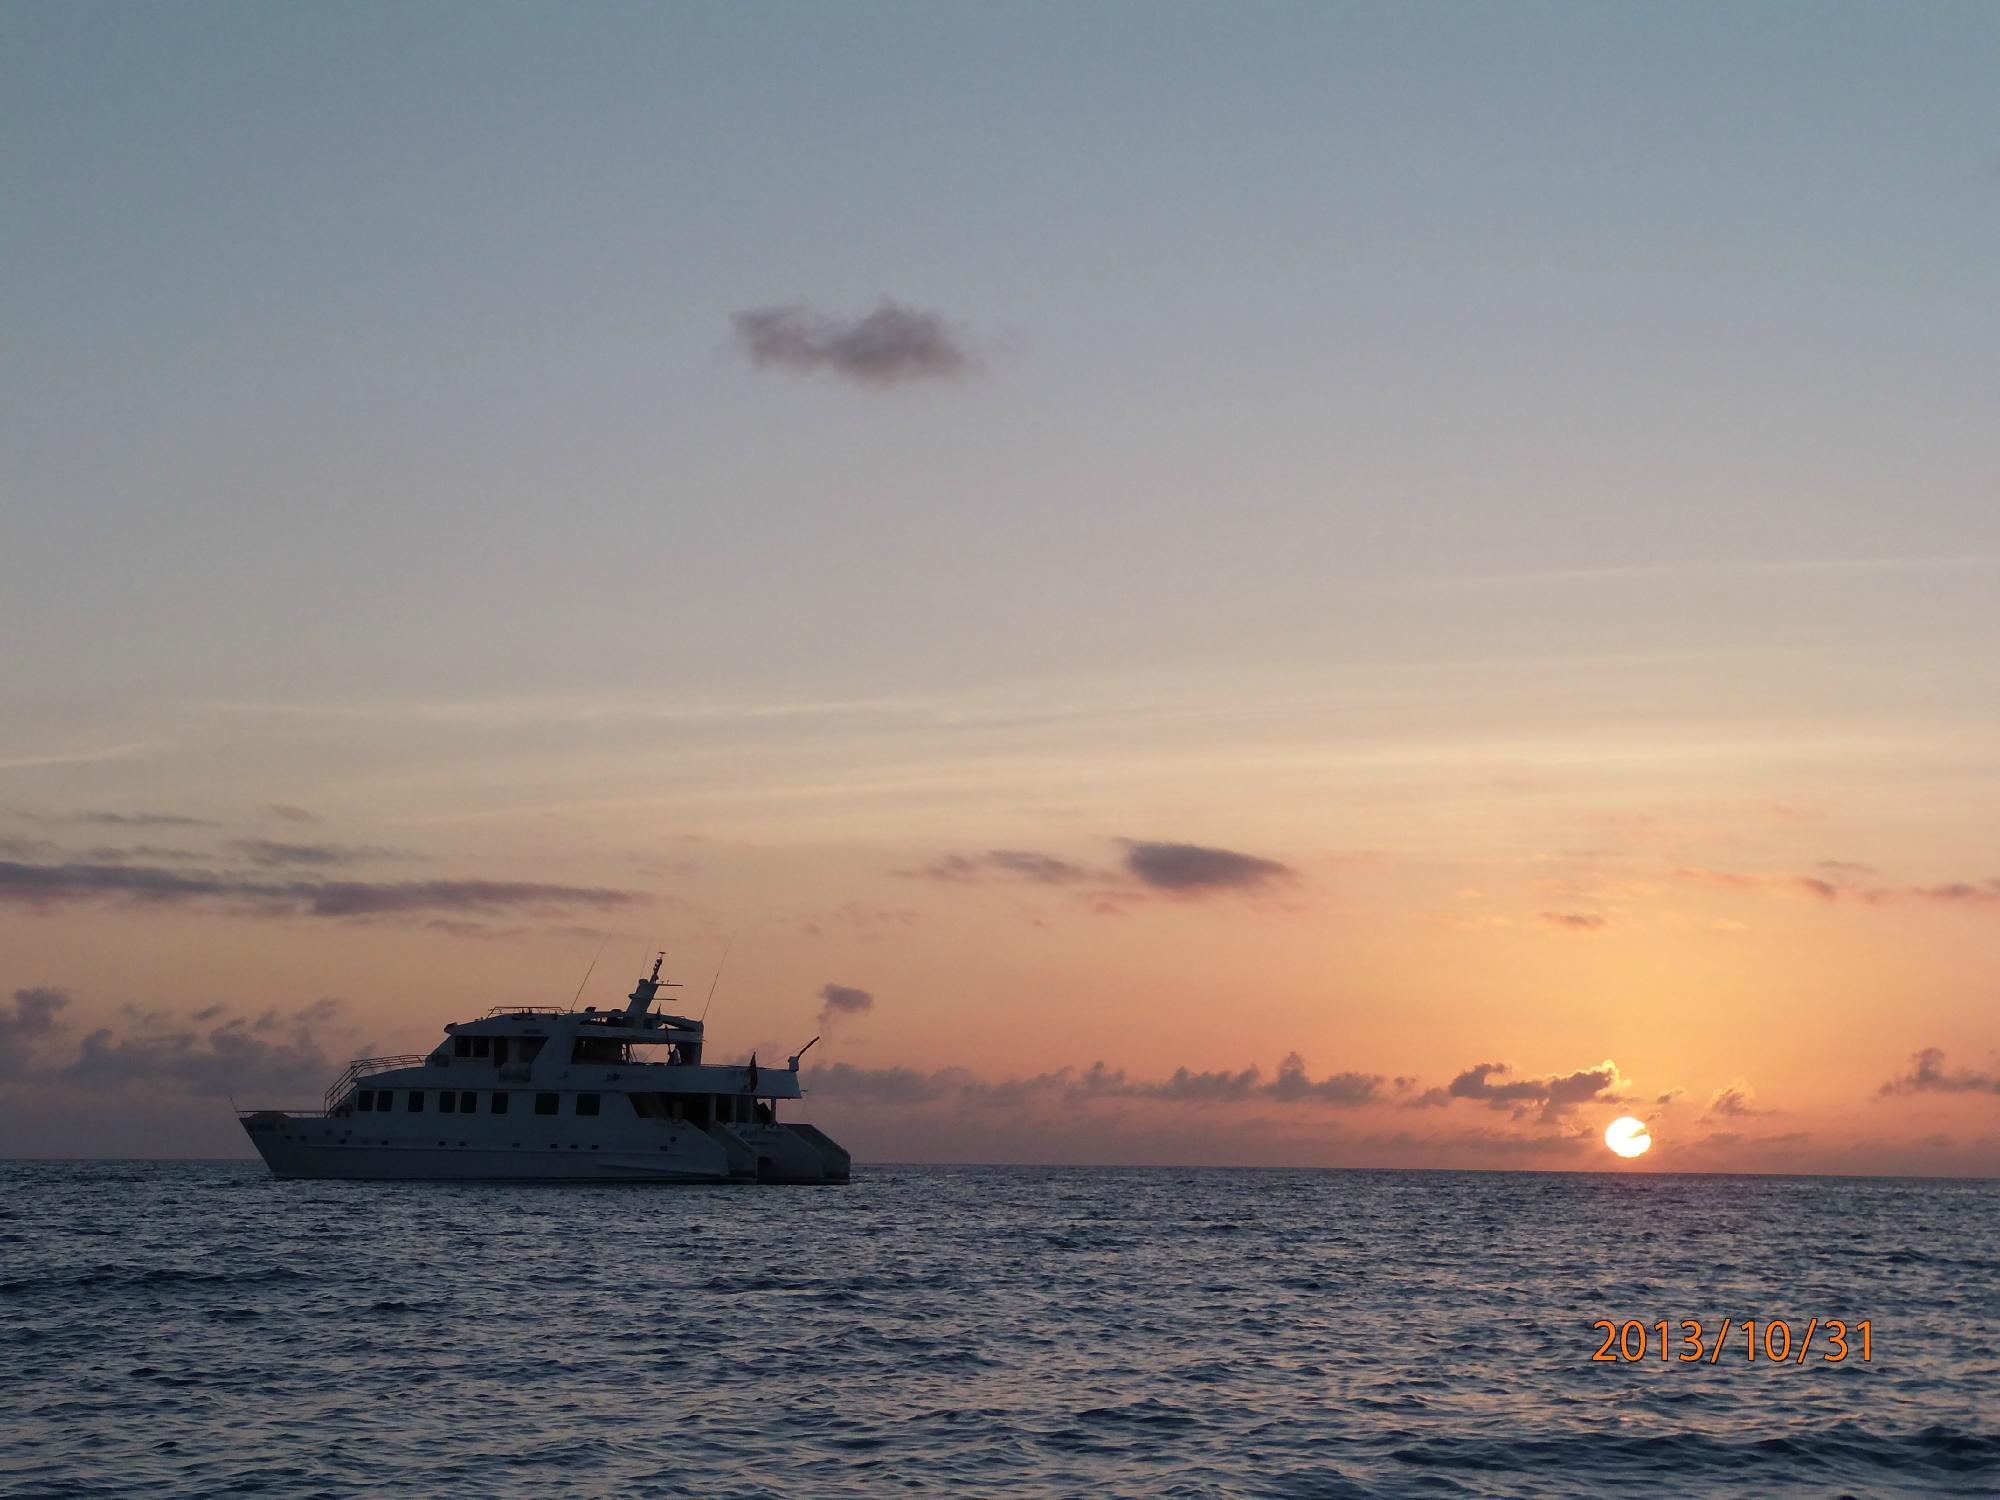 Anahi Galapagos Catamaran.com